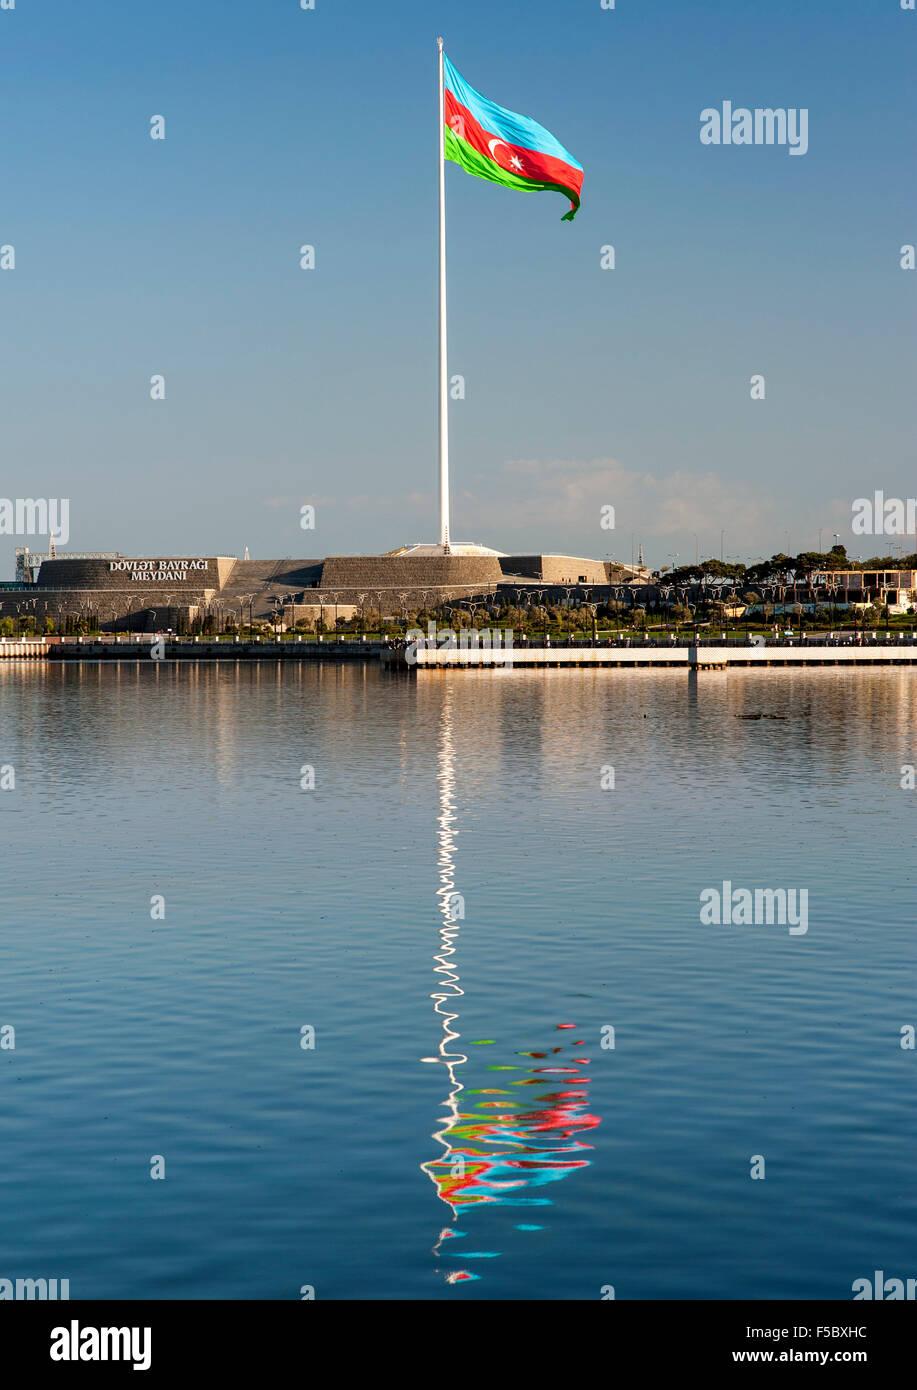 The flag of Azerbaijan in National Flag Square (Dövlət Bayrağı Meydanı) in Baku. - Stock Image